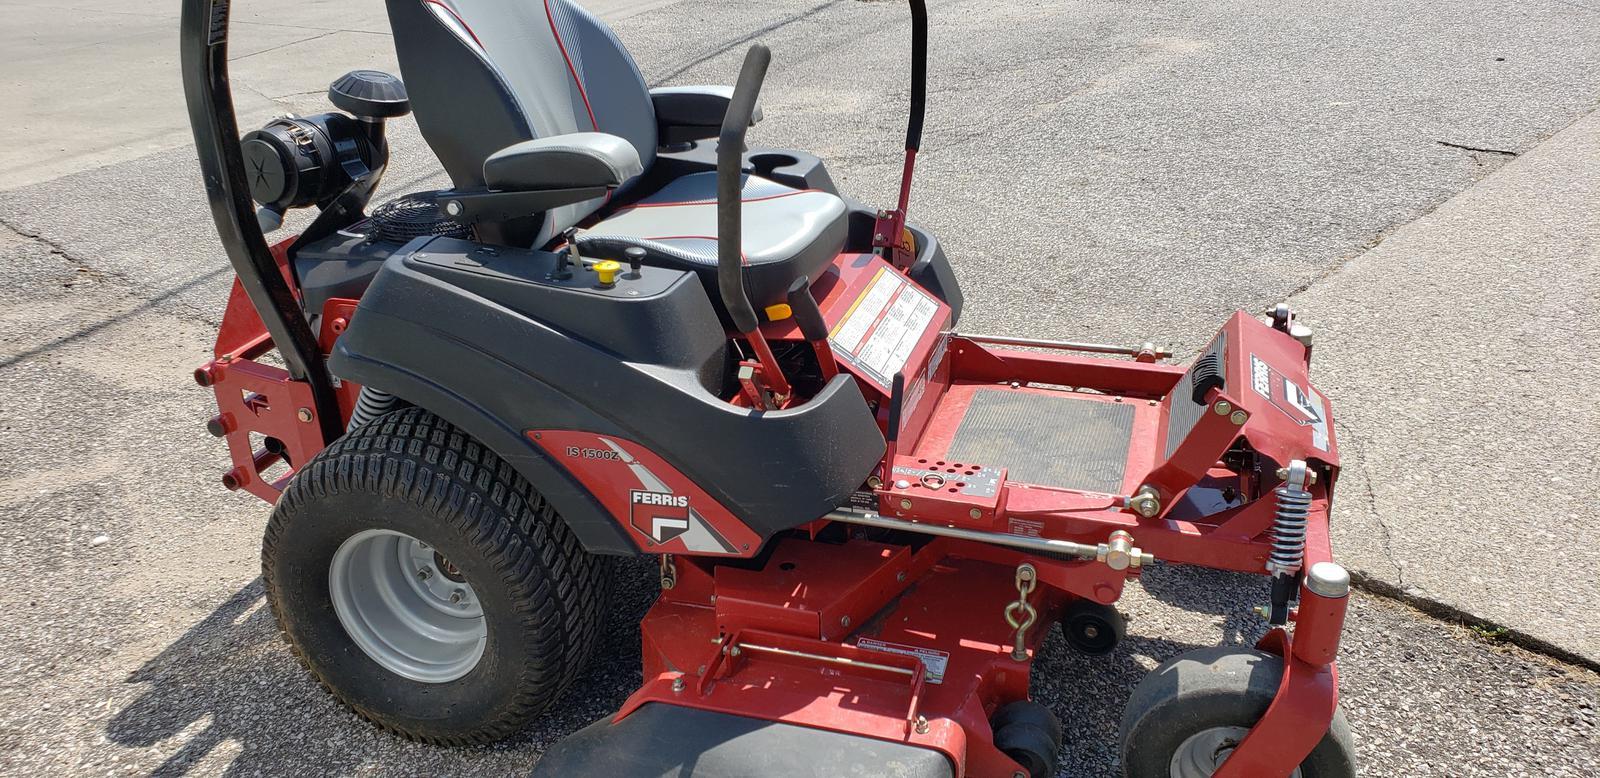 2007 Ferris IS®1500Z Zero Turn Mower for sale in Boonville